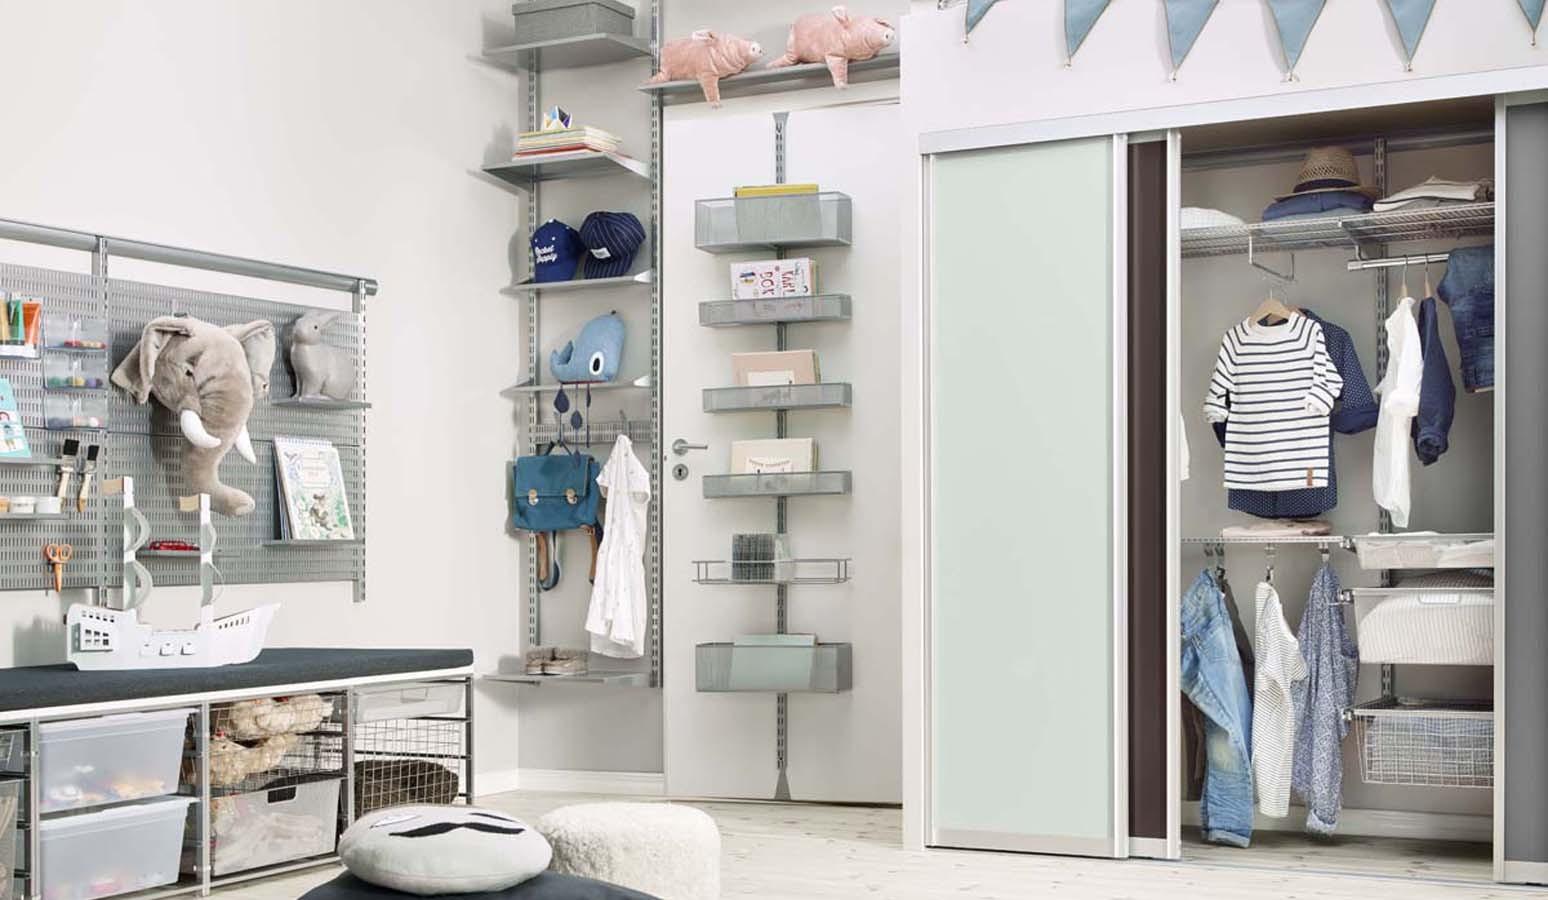 retrouvez l 39 offre de rangements elfa en livraison votre domicile. Black Bedroom Furniture Sets. Home Design Ideas